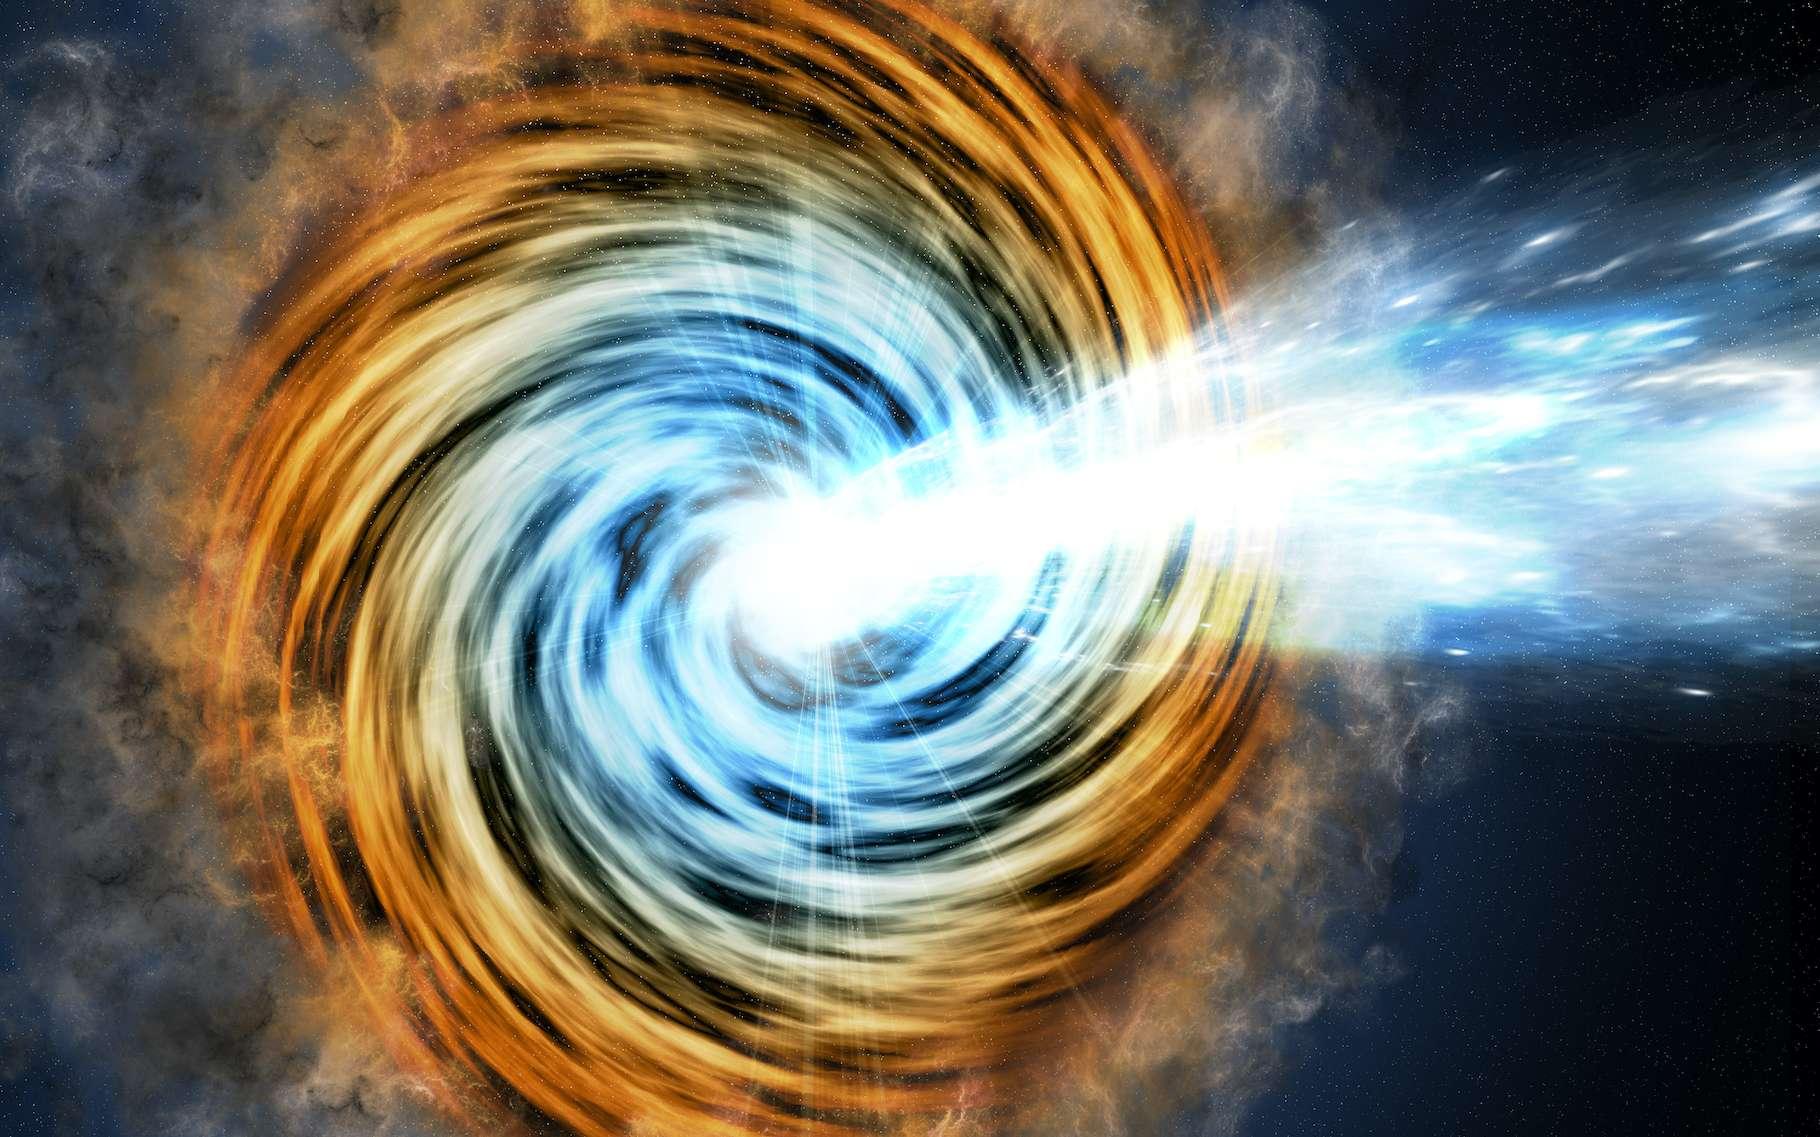 Une vue d'artiste de ce que serait un blazar, un noyau actif de galaxie alimenté par un trou noir supermassif. © M. Weiss/CfA, Nasa